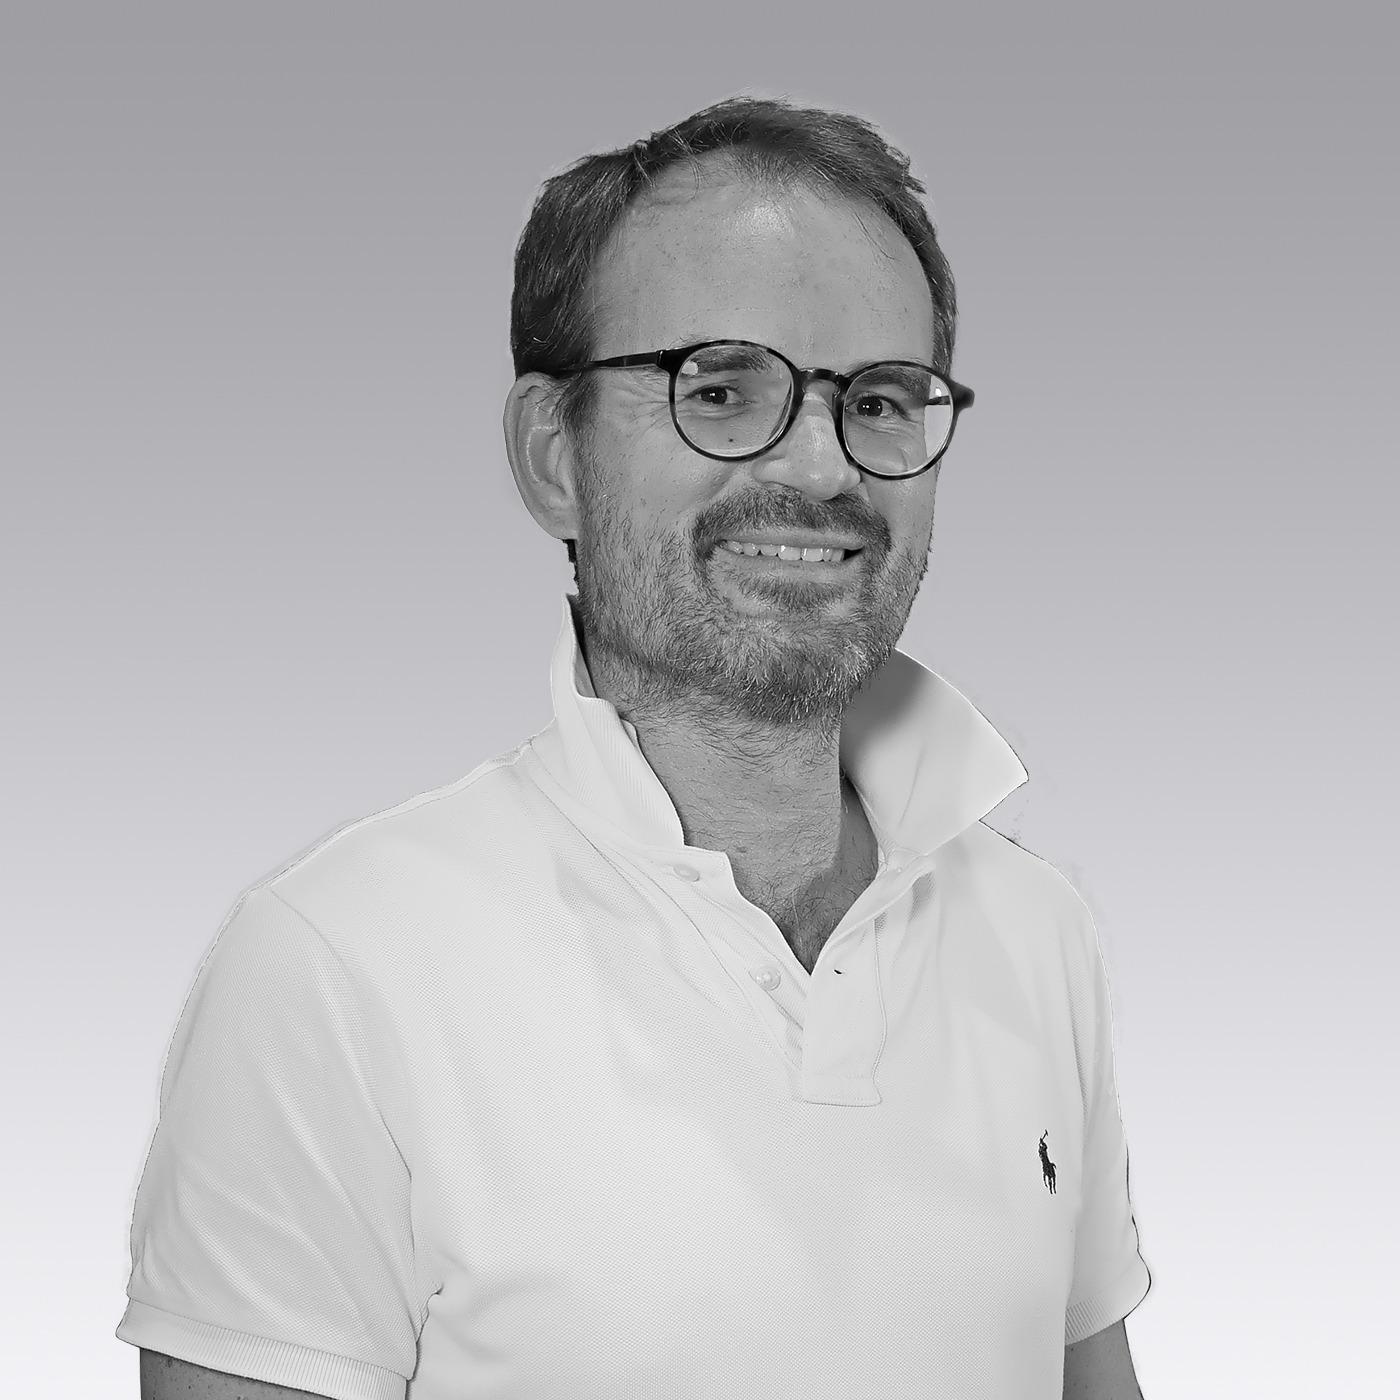 Florian Deschard